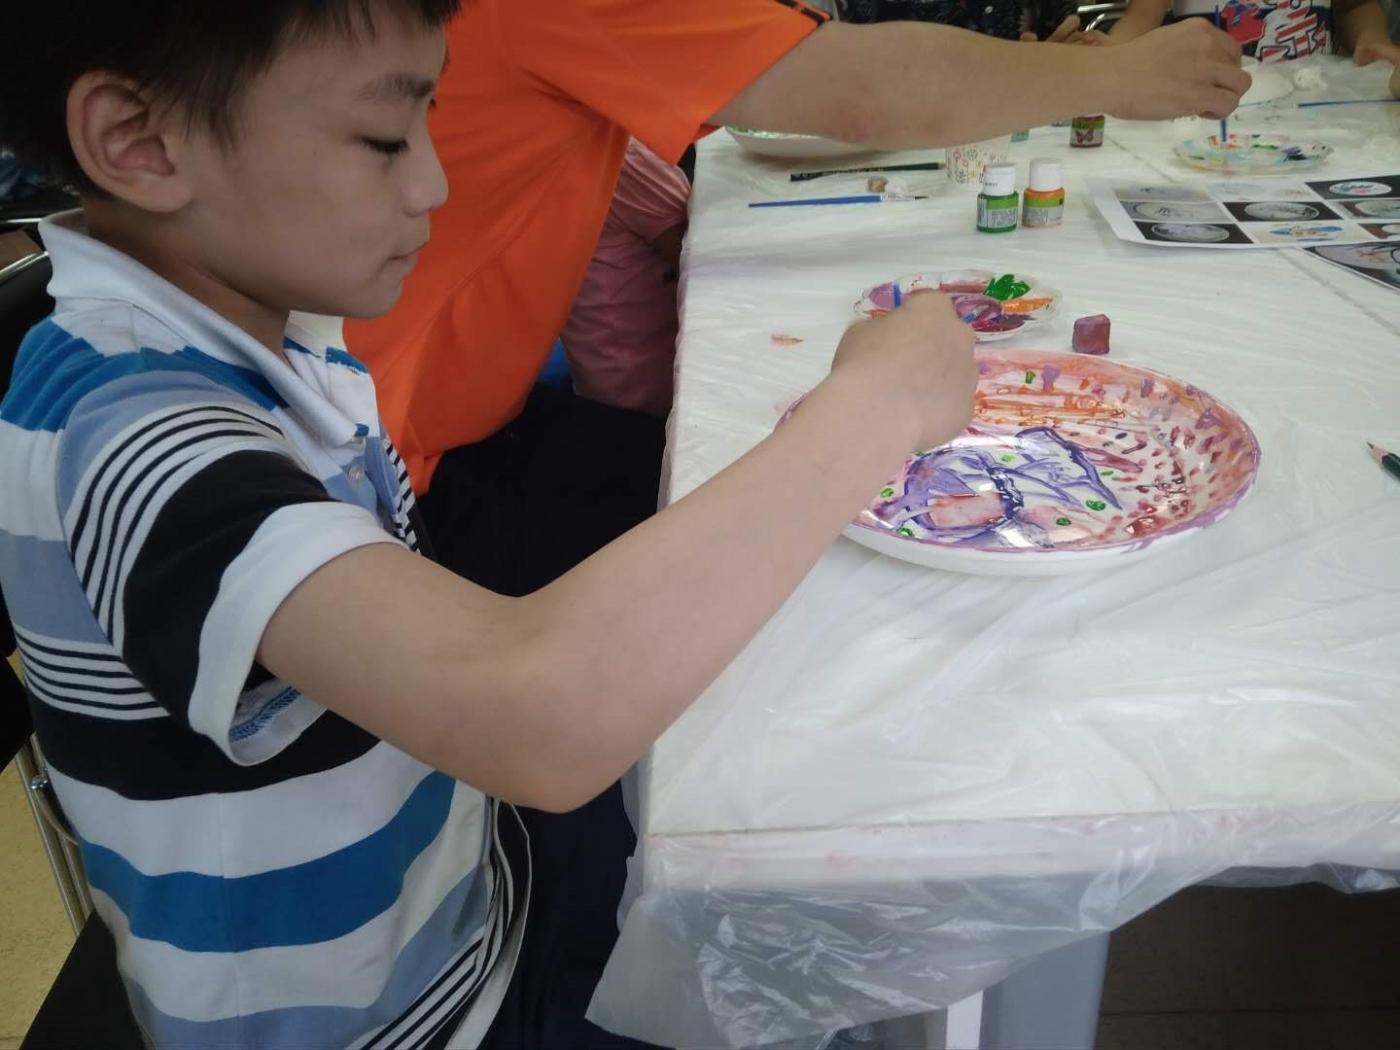 瓷盘彩色绘画_图1-19